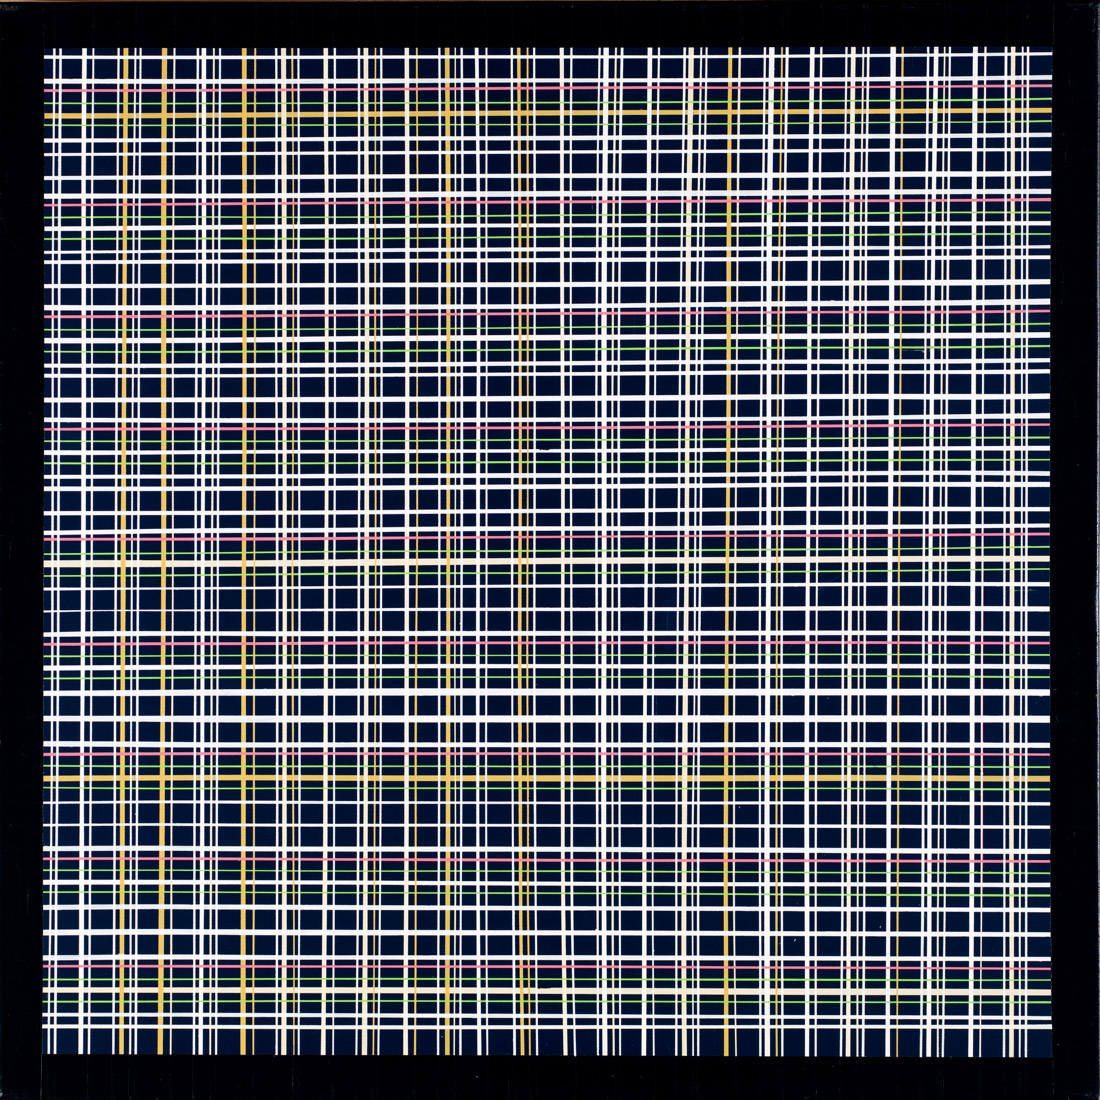 bedste kunst online, æstetisk minimalistisk maleri, enkelt, stilrent, linjer, sort, hvid, farver, blå, røde linjer, grafisk, design